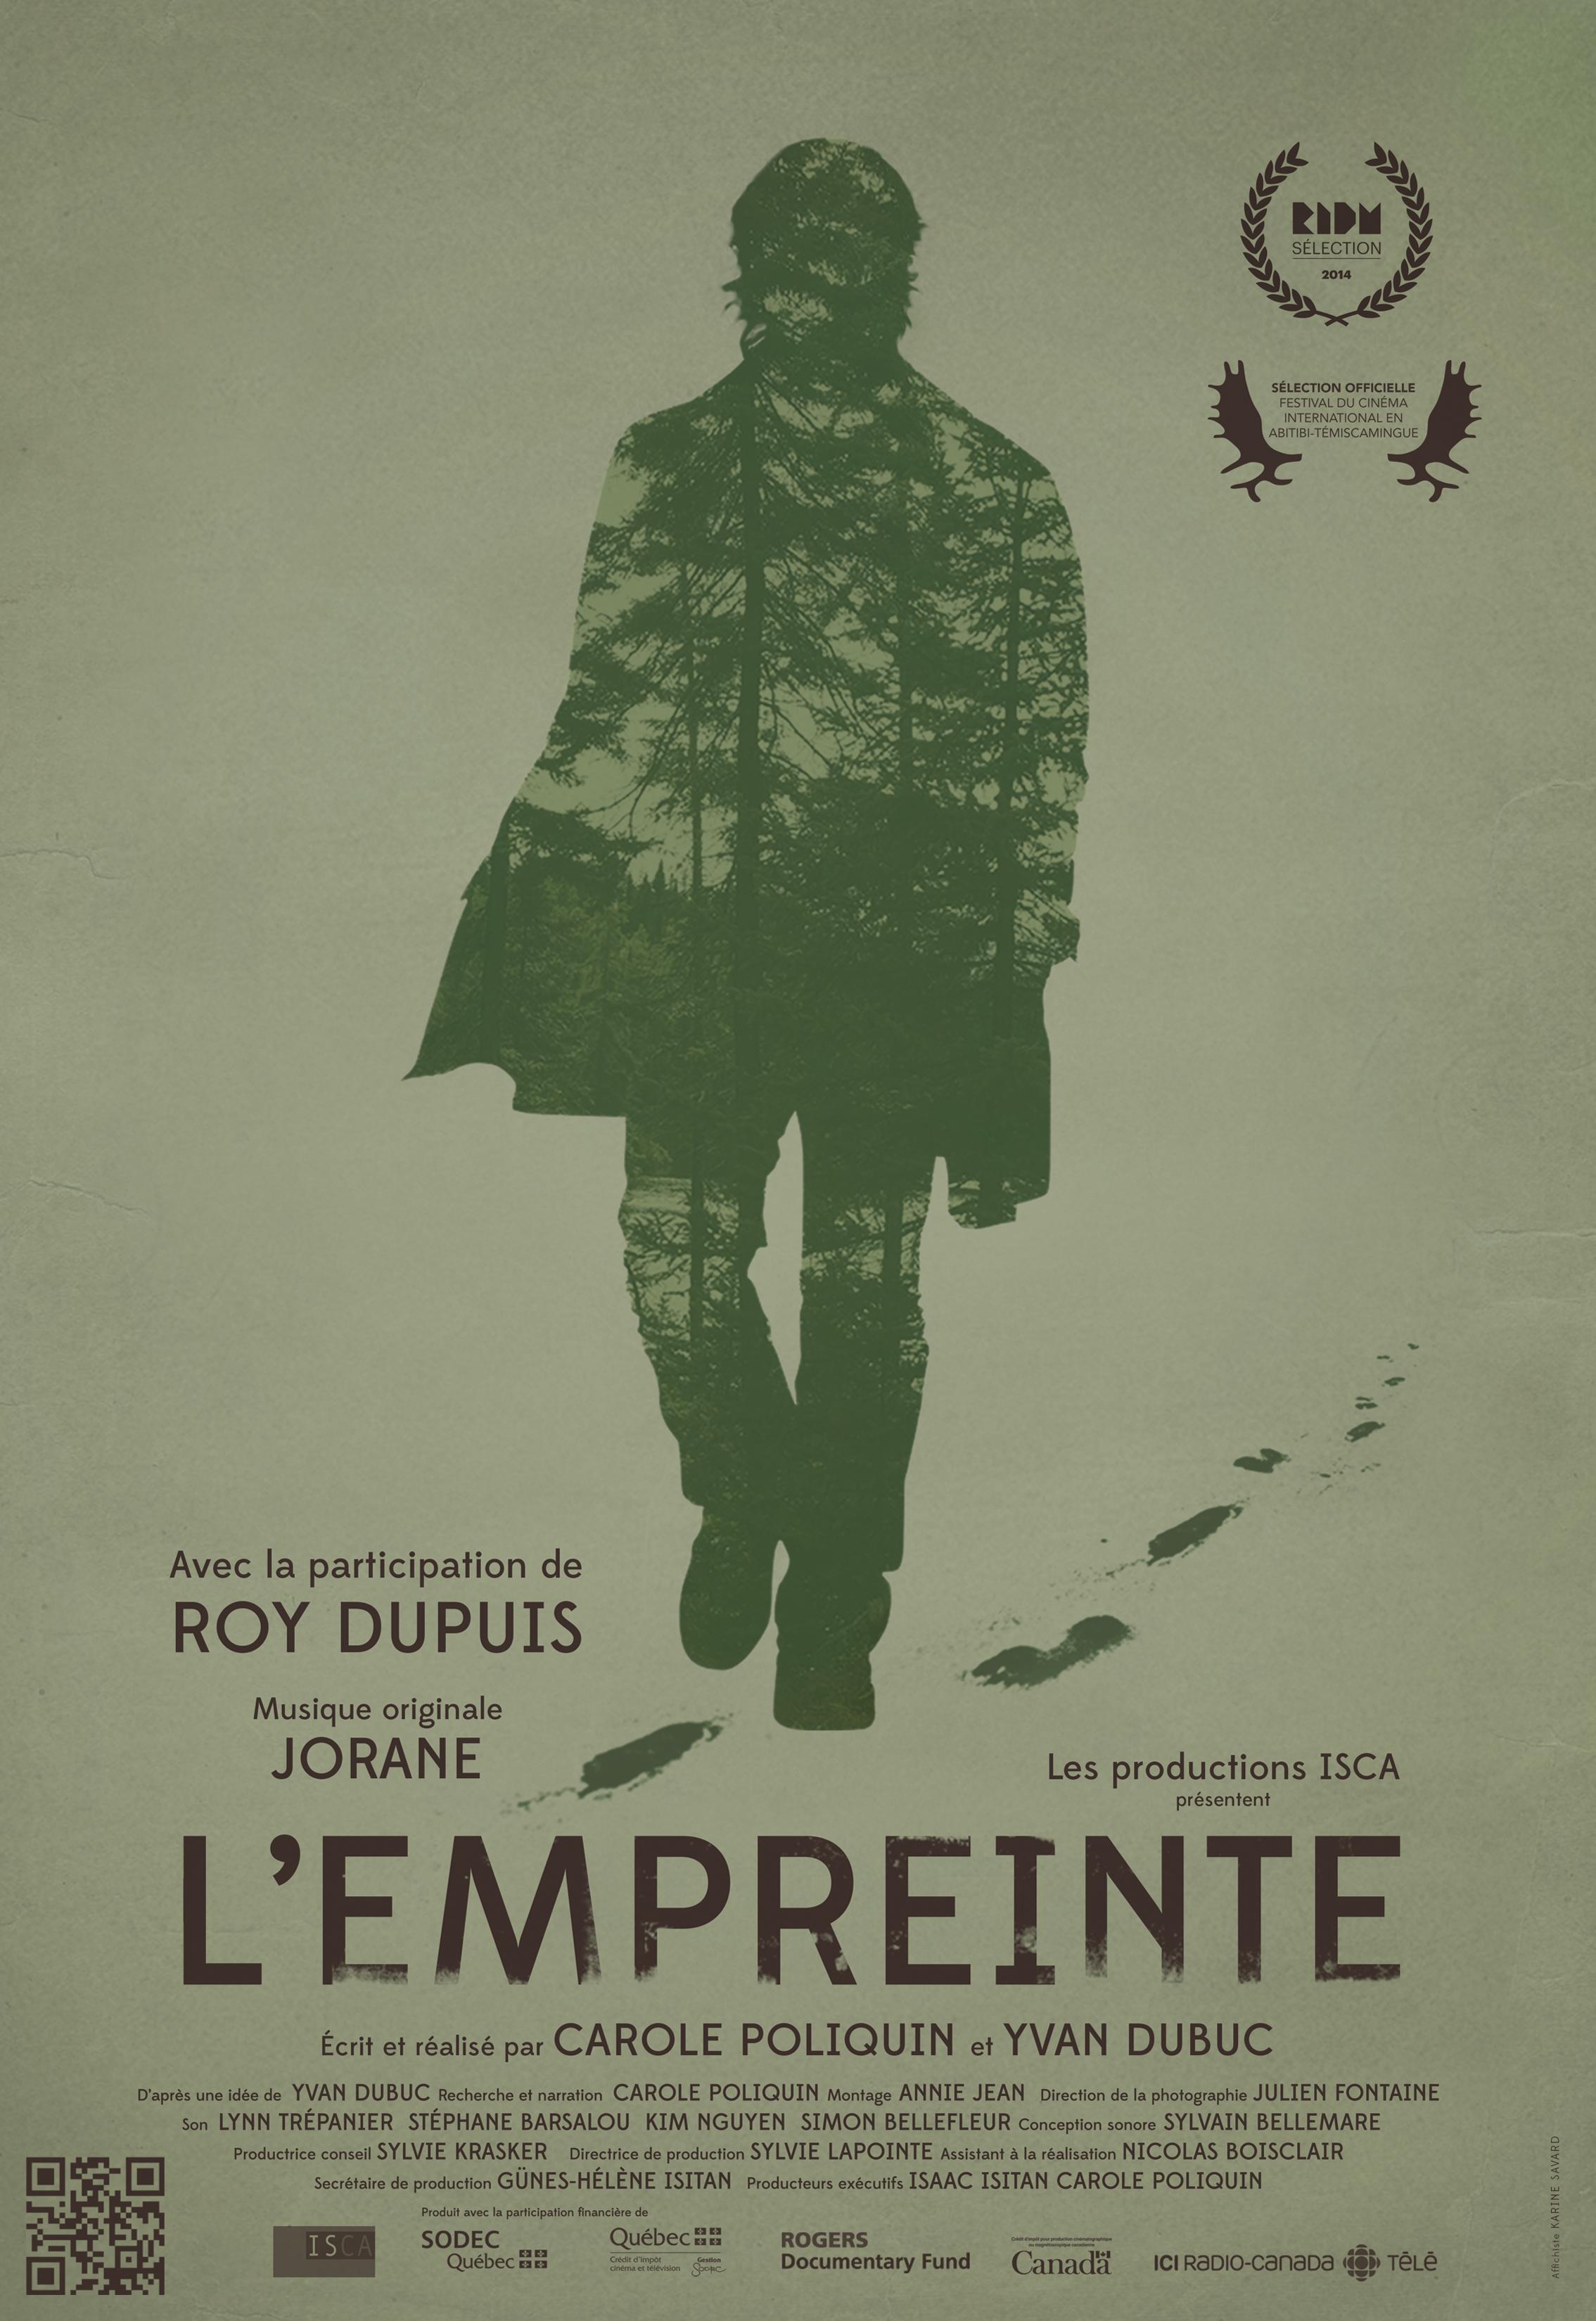 EMPREINTE_documentaire histoire du Québec Amérindiens Je me souviens